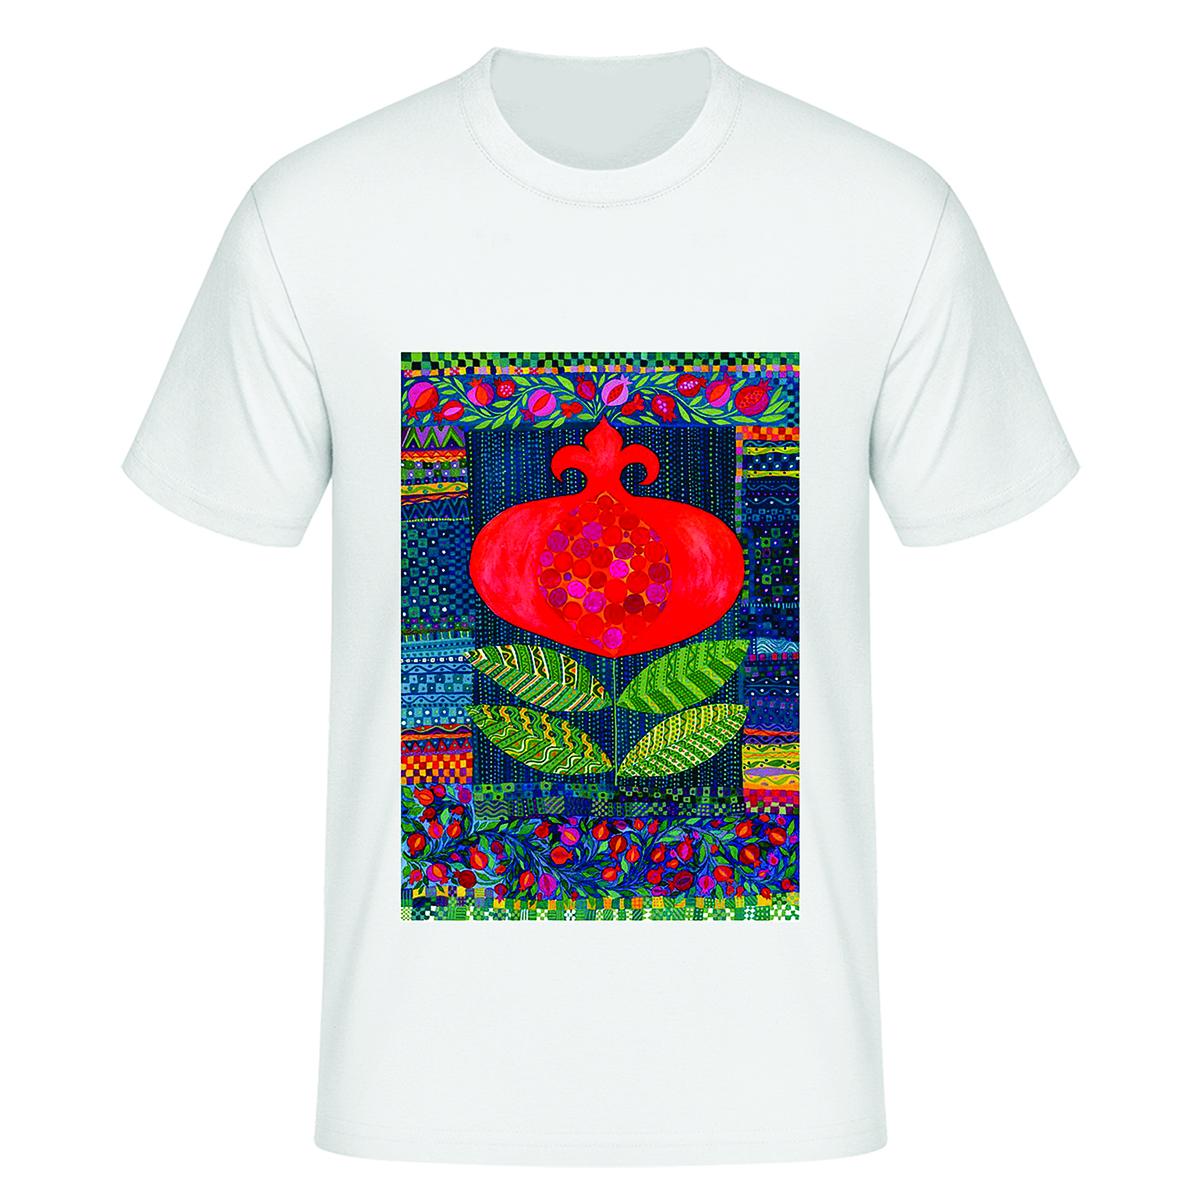 تی شرت آستین کوتاه زنانه مدل شب یلدا کد tps42